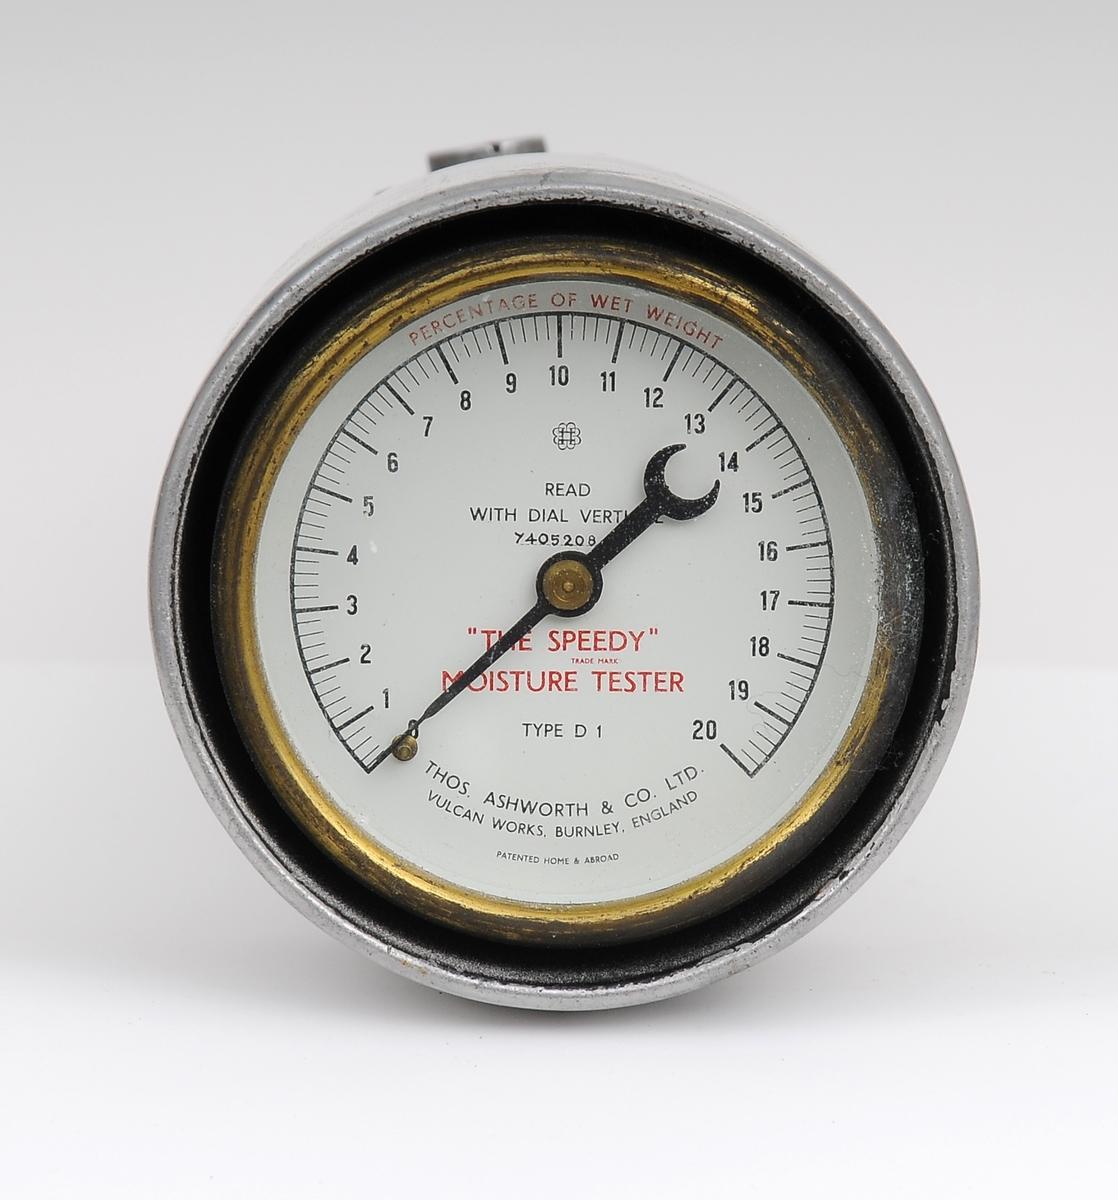 Fuktighetsmålerinstrumentet ligger i en trekoffert og består av 6 deler: fuktighetstesteren, vekt, 2 vektskåler, måleskje og børste. Det finnes en grundig beskrivelse av hvordan man skal gå fram for å forberede prøver og selve målingen på innsiden av koffertens lokk. Alle delene har sin plass i kofferten. Lokket og fundamentet til vekten er ødelagt. Måleinstrumentet ble brukt under byggingen av Tjeldsundbrua, sammen med STMU-002237.